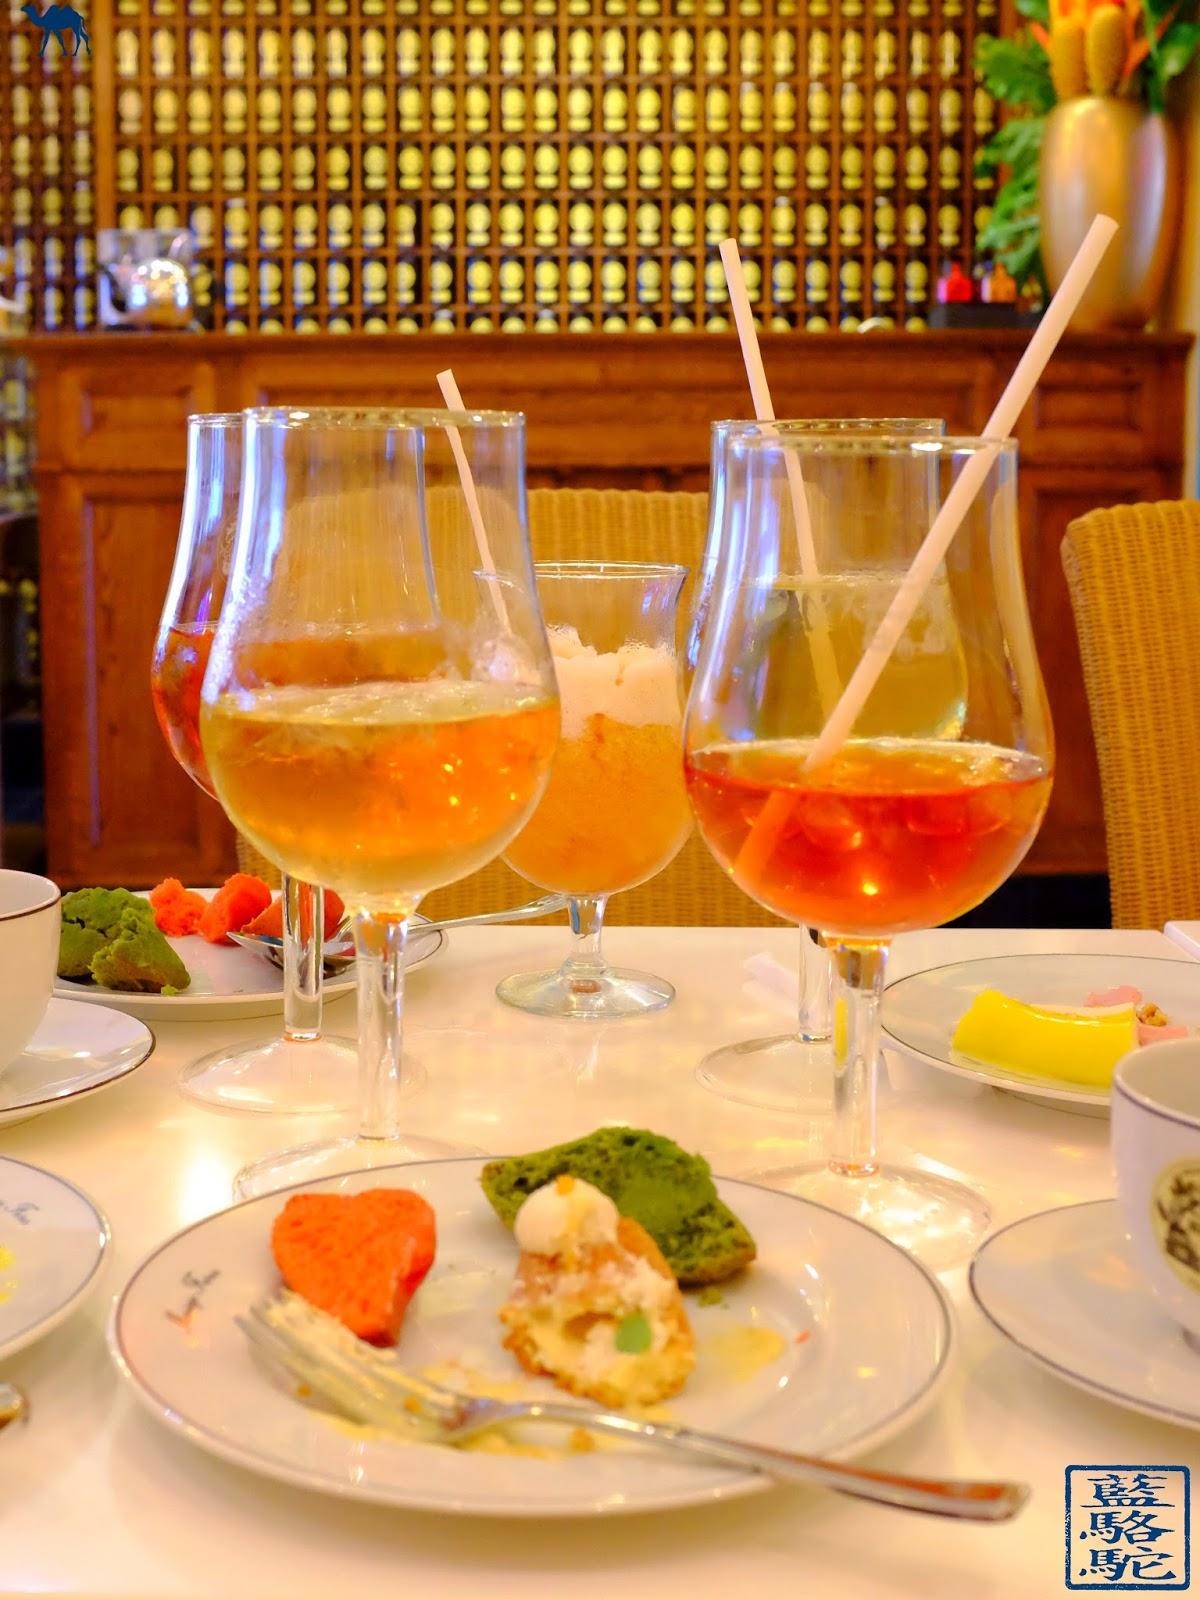 Le Chameau Bleu - Blog Voyage et Gastronomie - Salon thé Mariage frères Paris - Dégustation de Thés